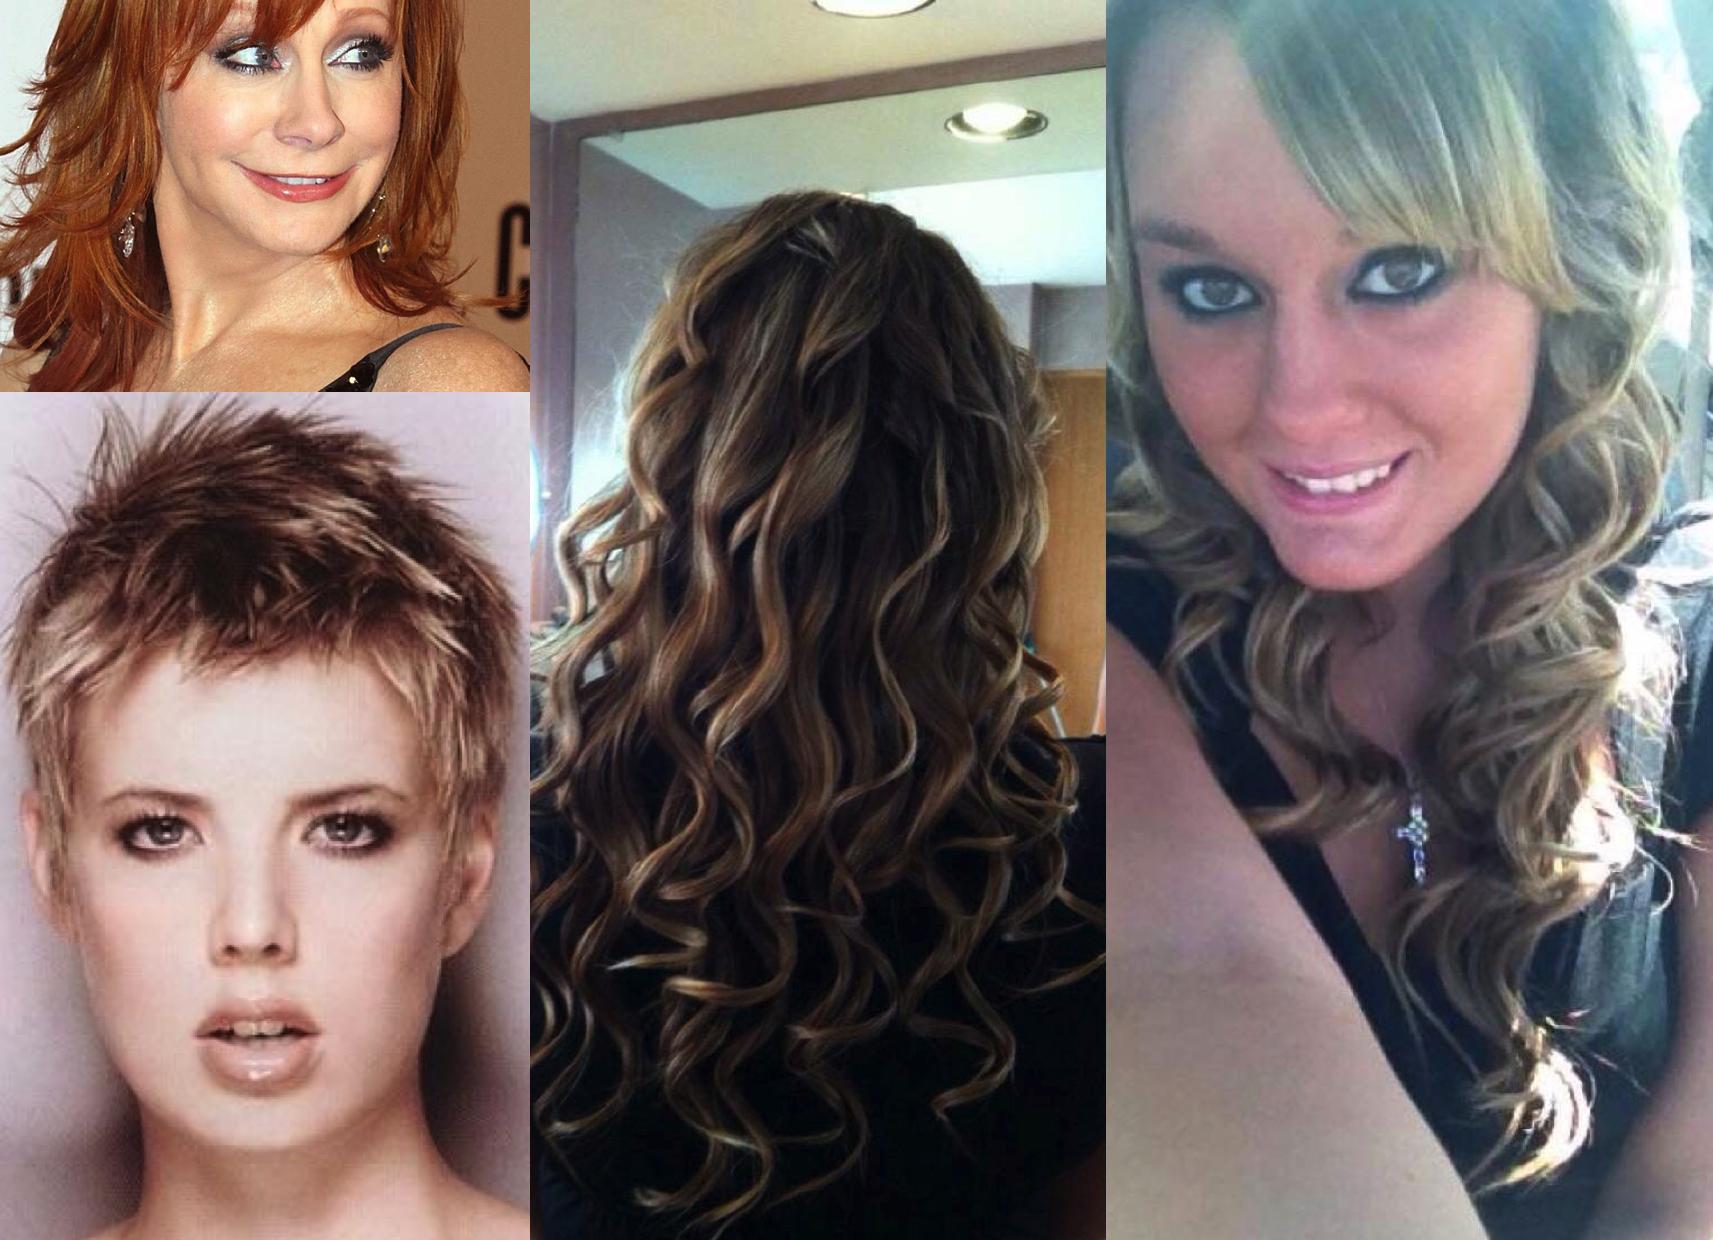 Mermaid Curls, Short Ladies' Styles and Men's Color